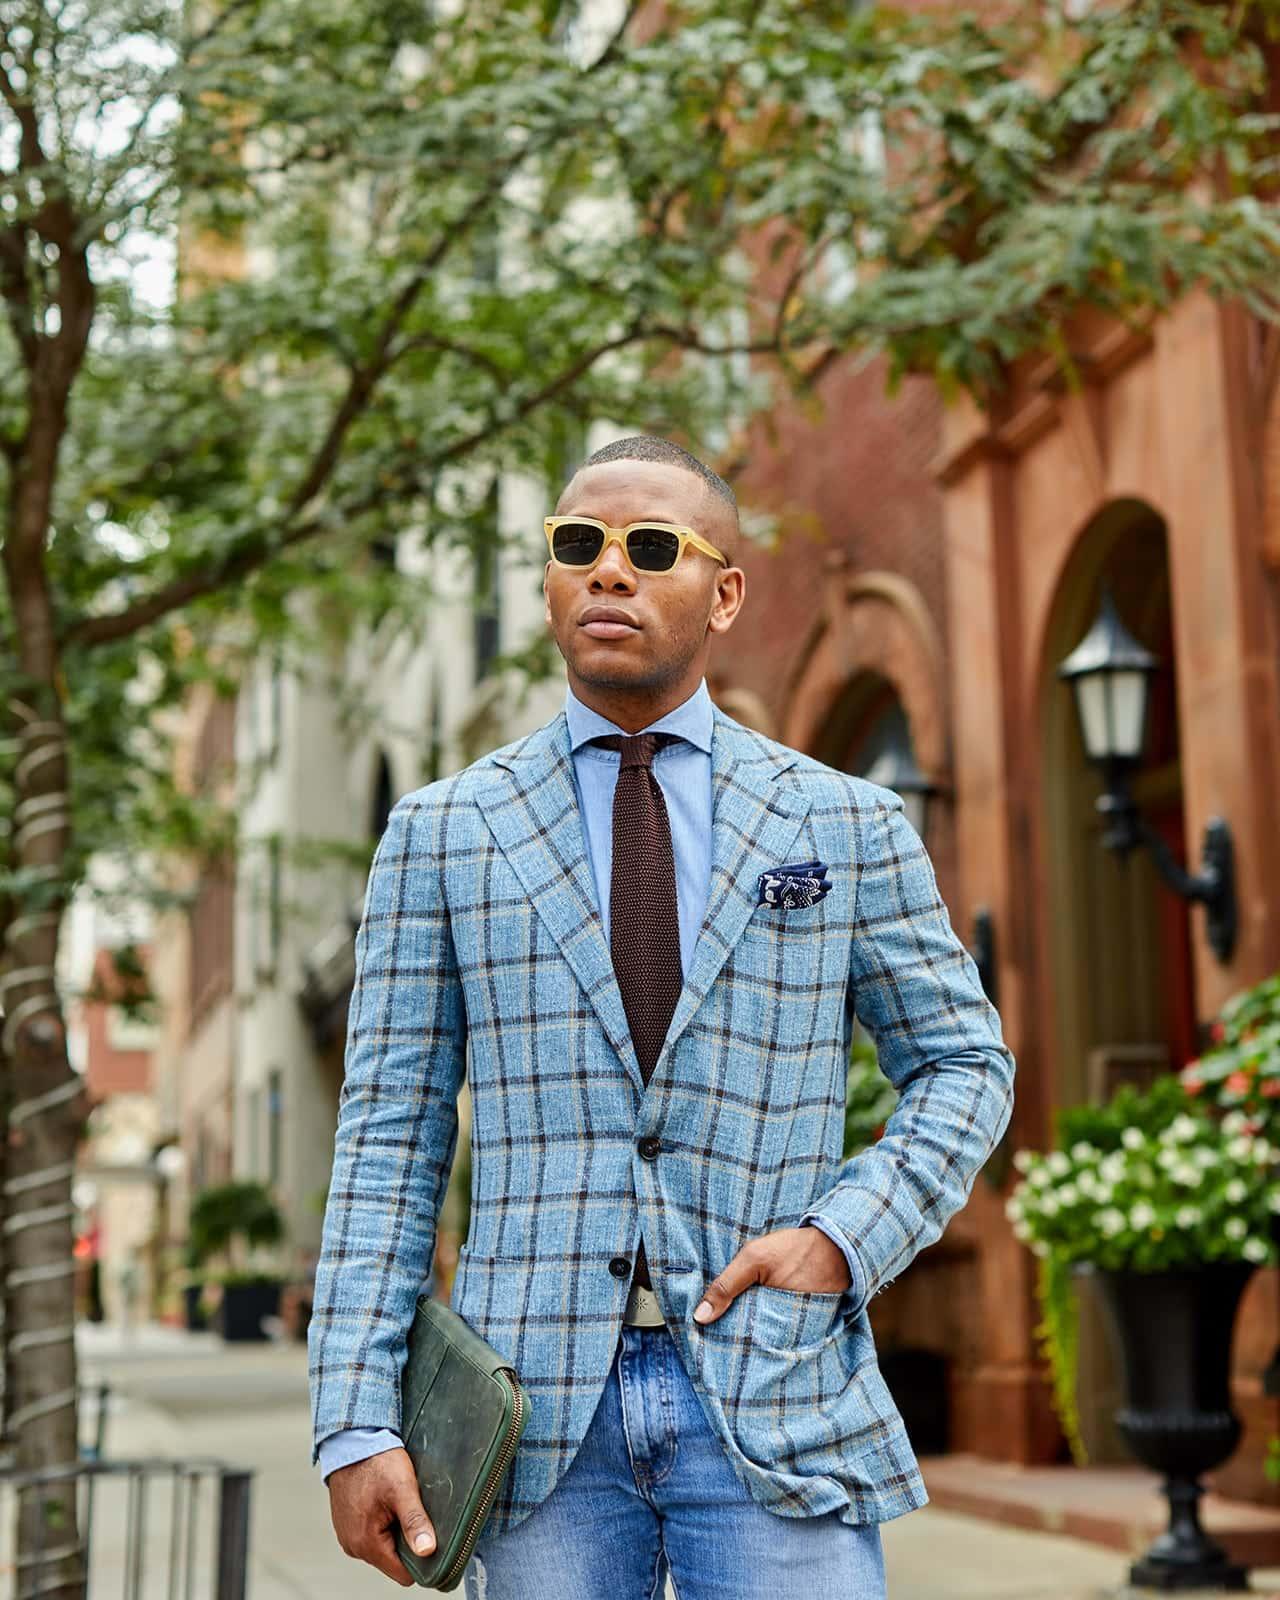 Sabir M. Peele of Men's Style Pro in Spier & Mackay Blazer